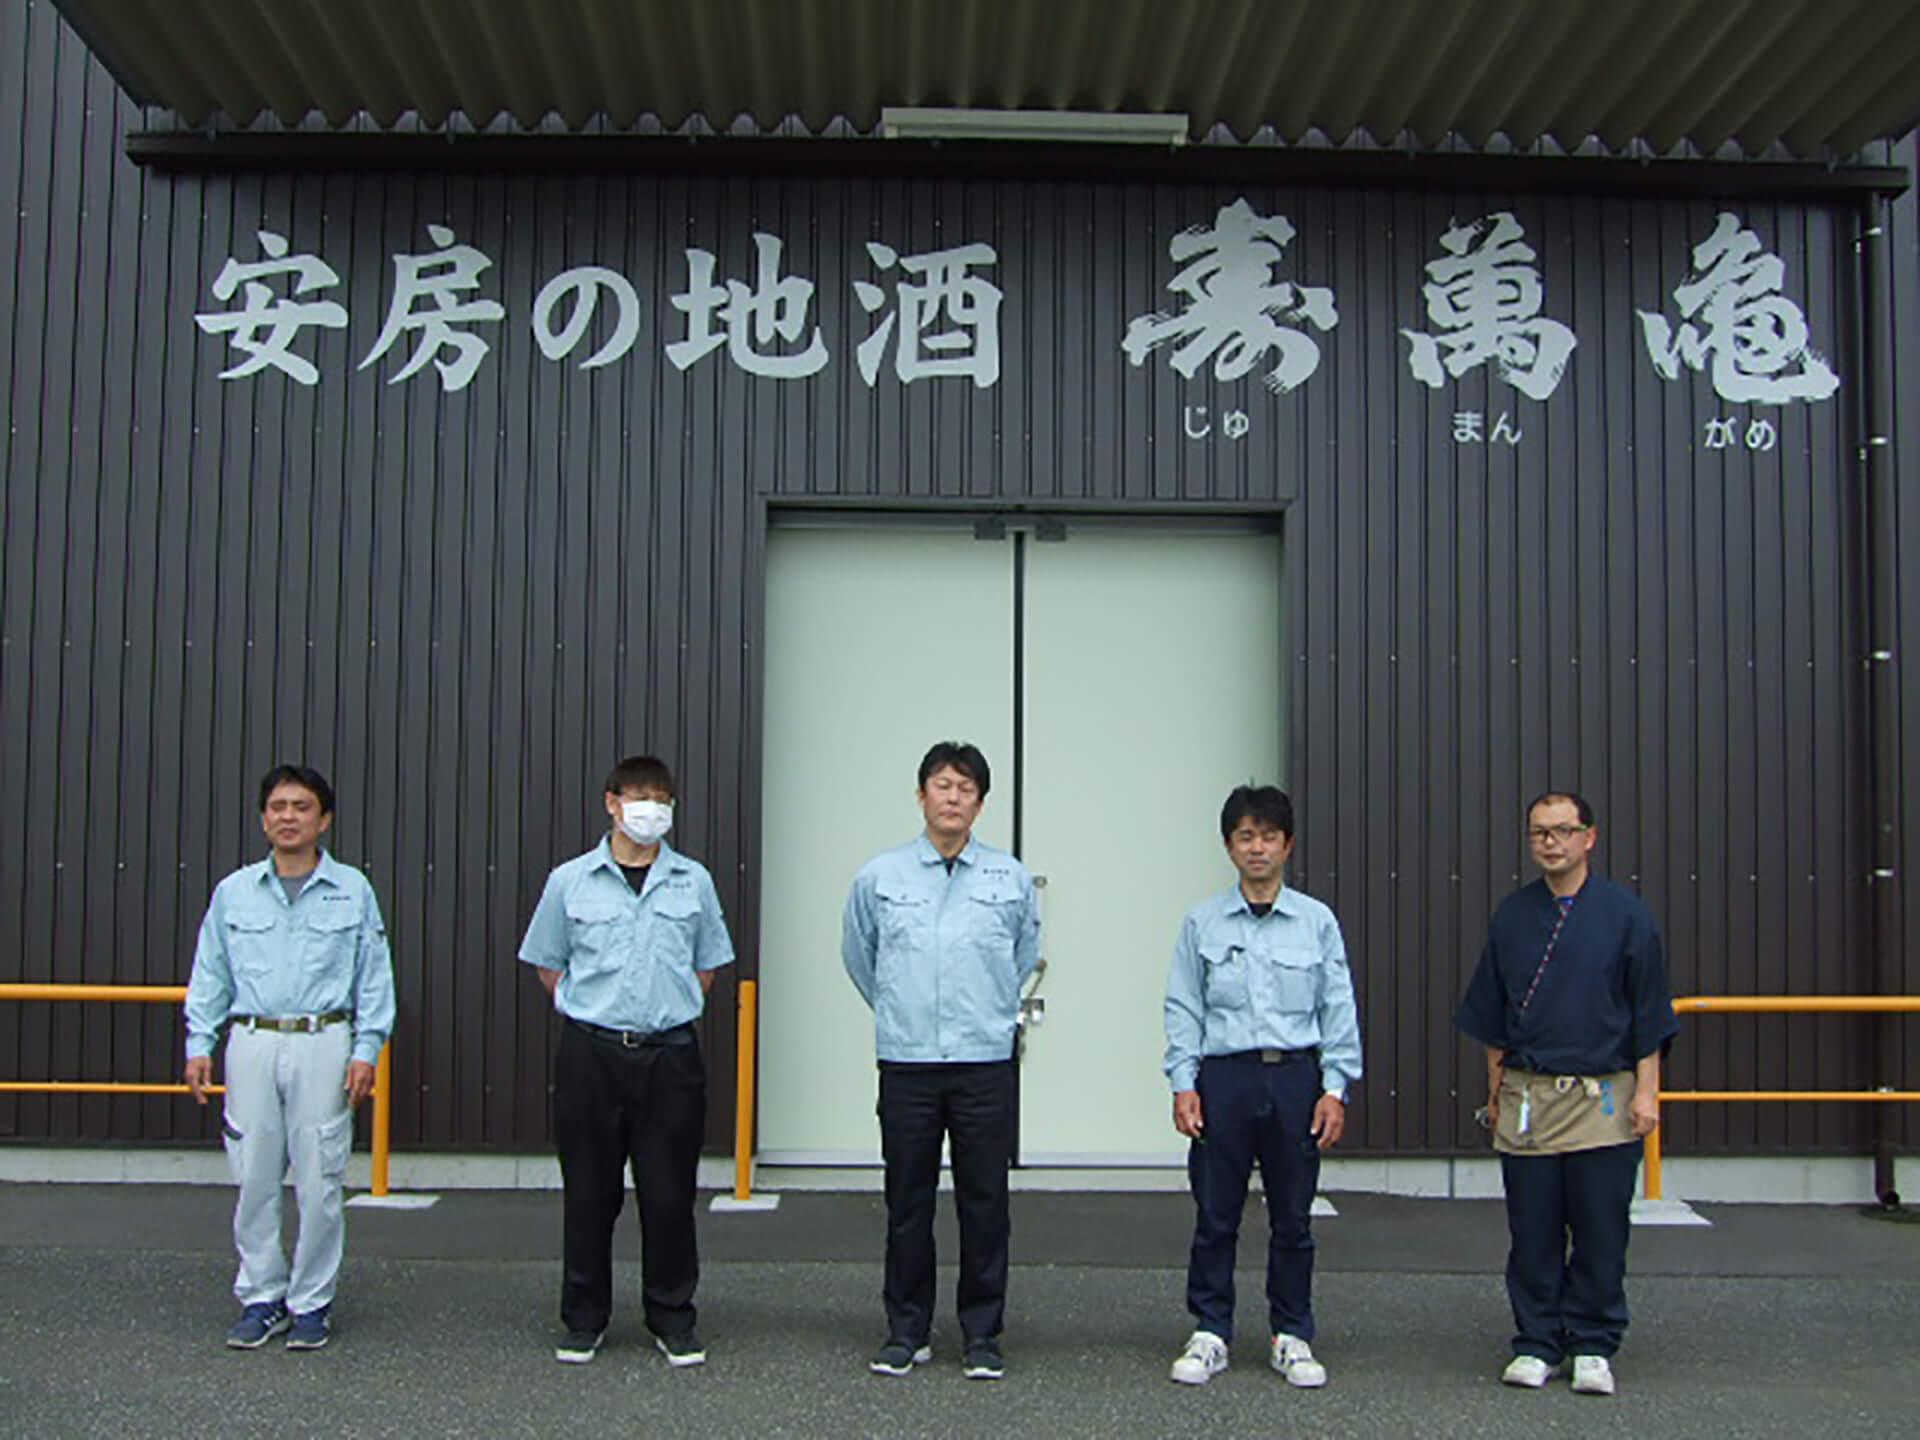 新体験!厳選!日本酒4蔵のバーチャル酒蔵ツアー! 亀田酒造株式会社